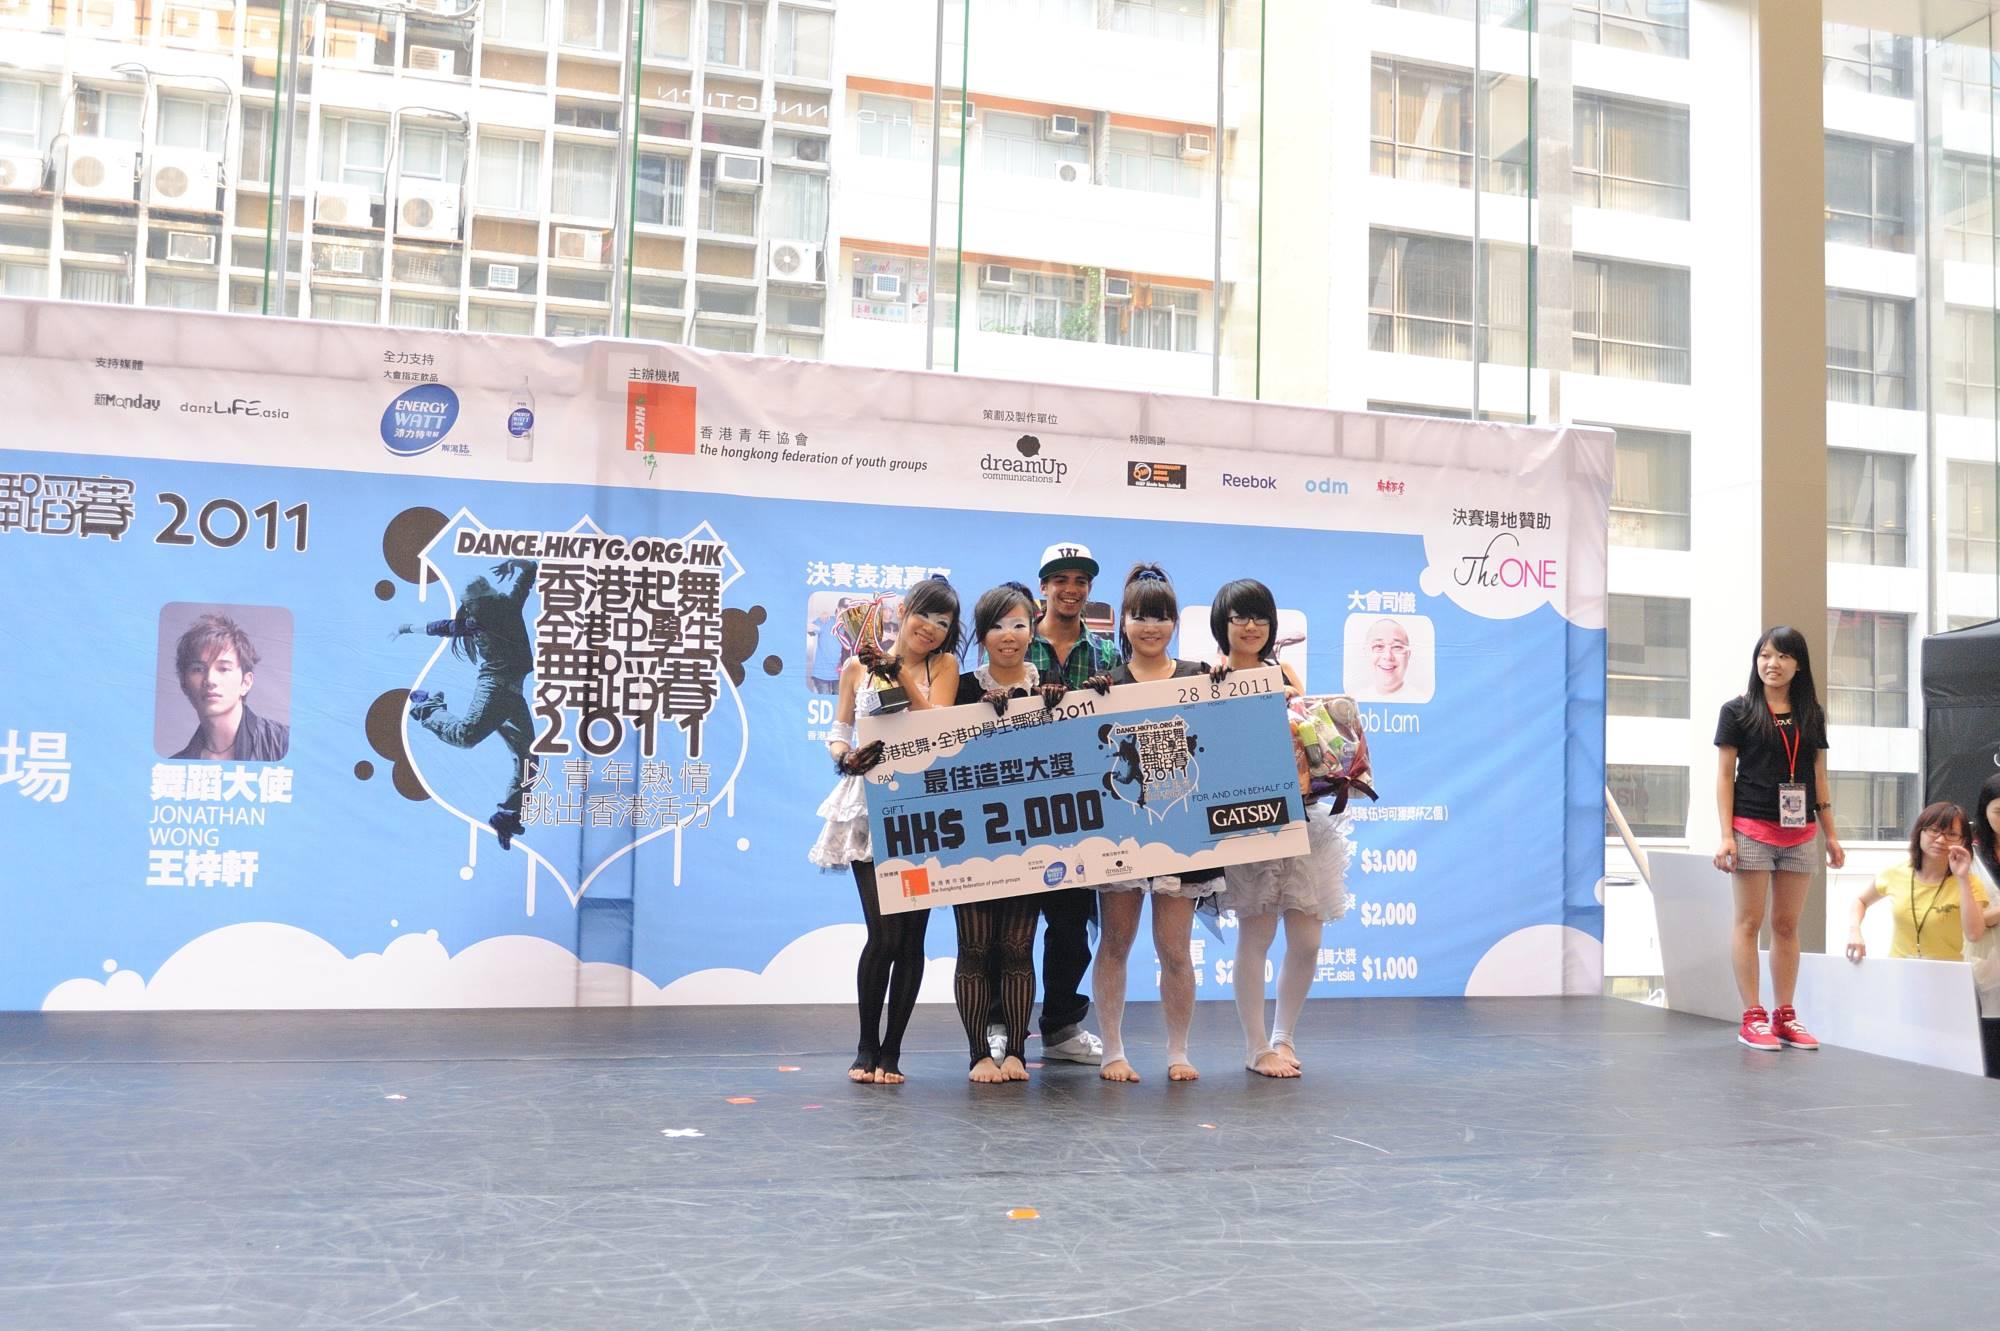 全港中學生舞蹈賽2011得獎隊伍 (4)